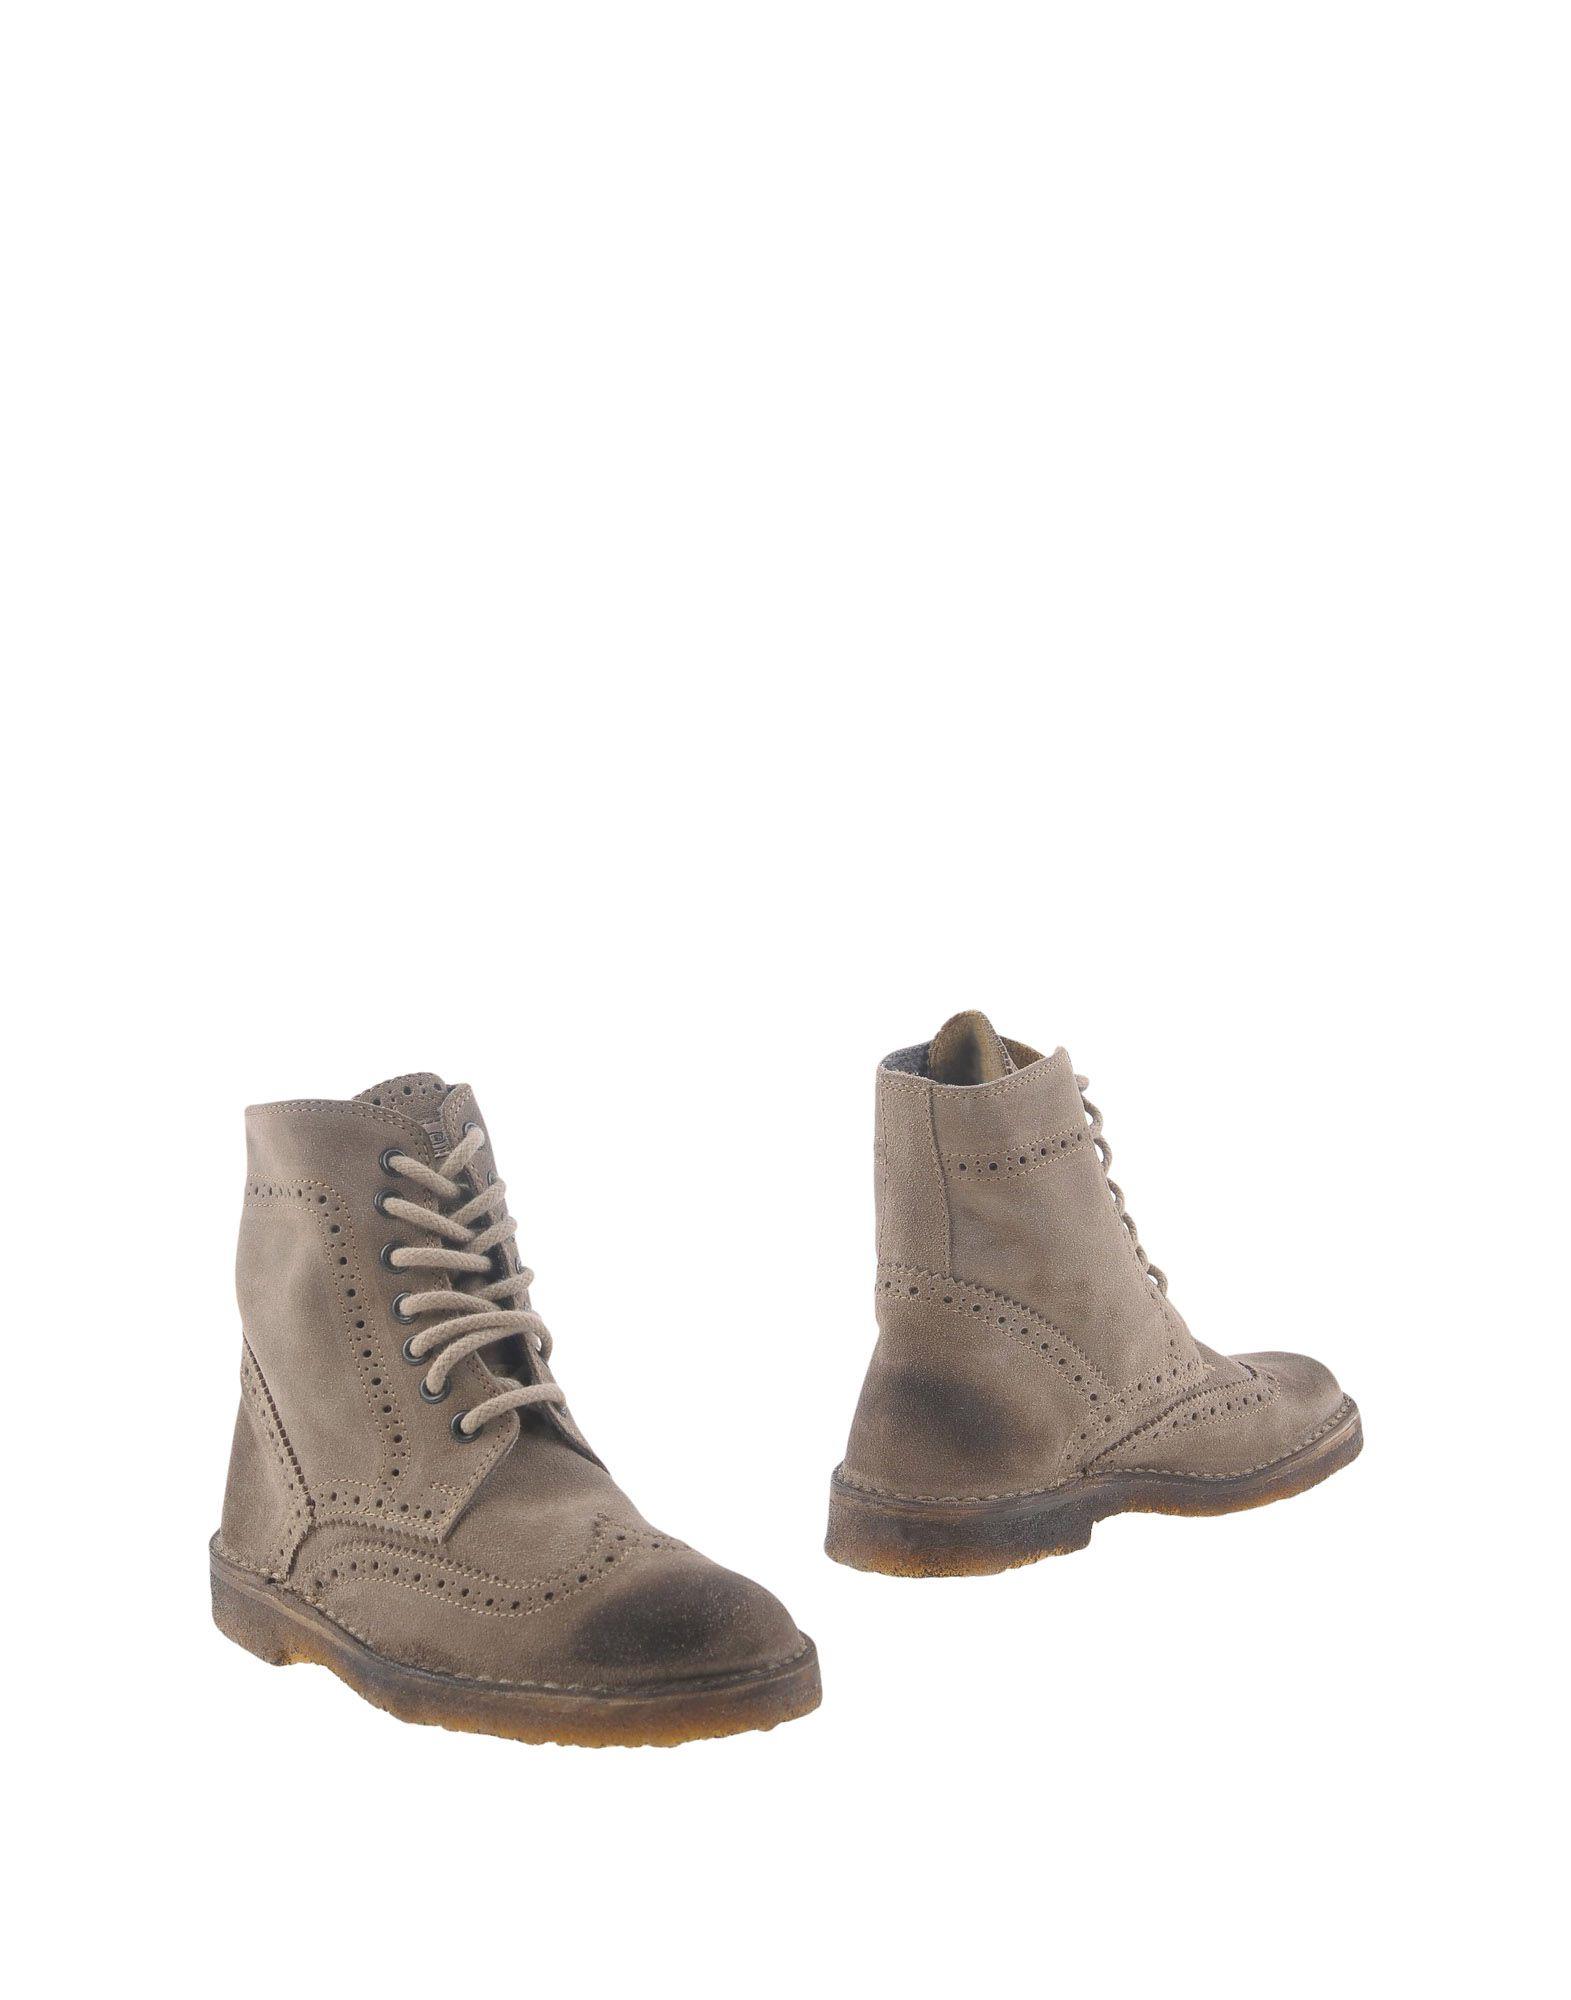 Weg 11283332GN Stiefelette Damen  11283332GN Weg Gute Qualität beliebte Schuhe 534eef